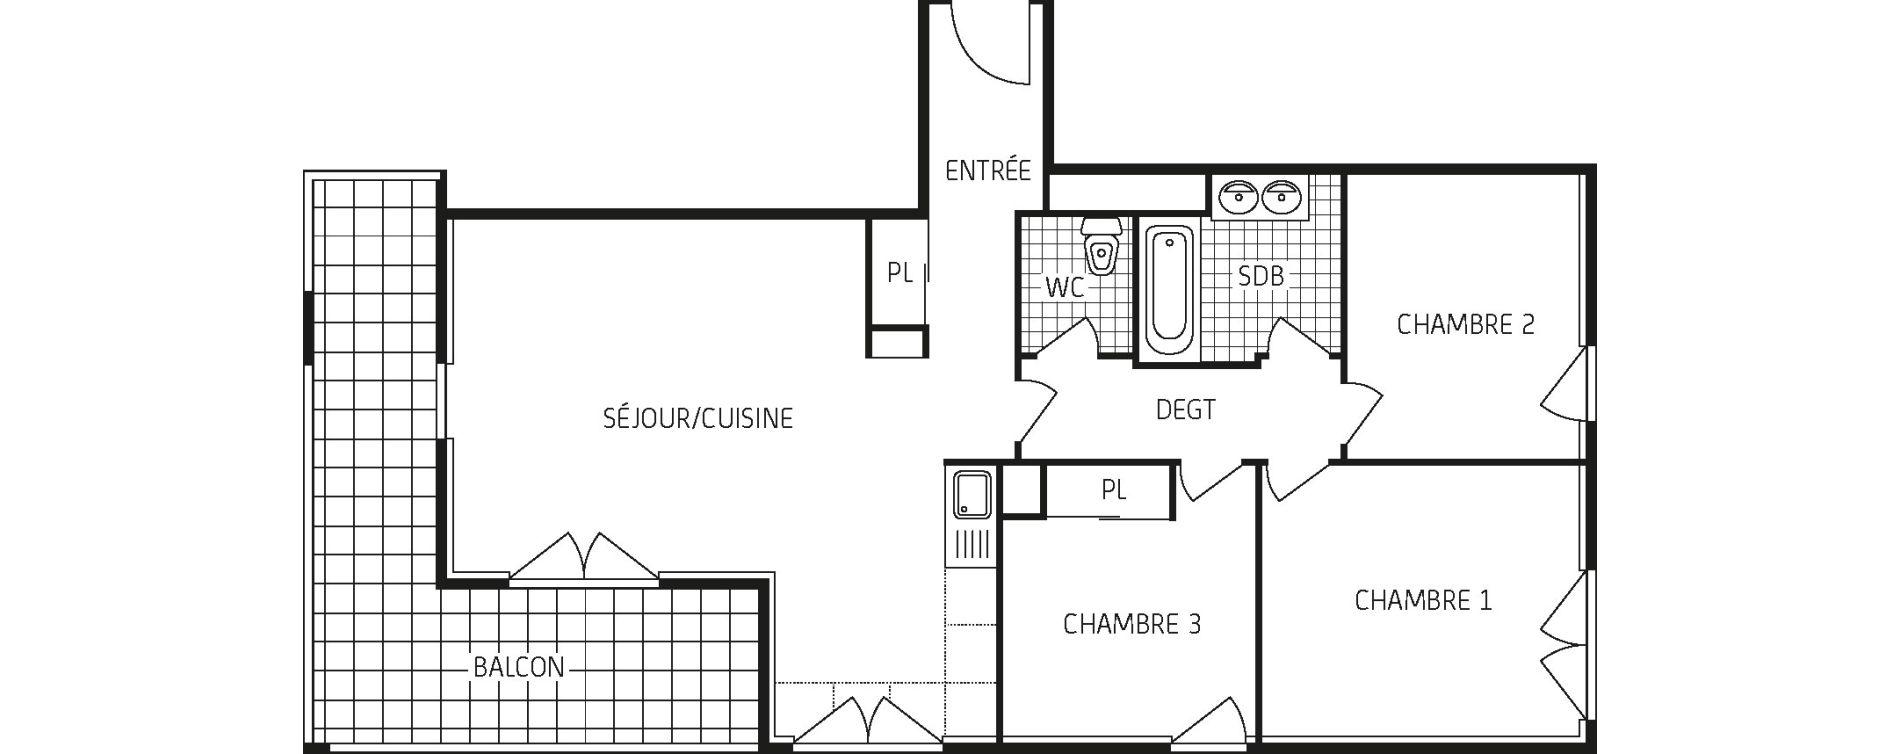 Appartement T4 de 76,20 m2 à Lingolsheim Les tanneries